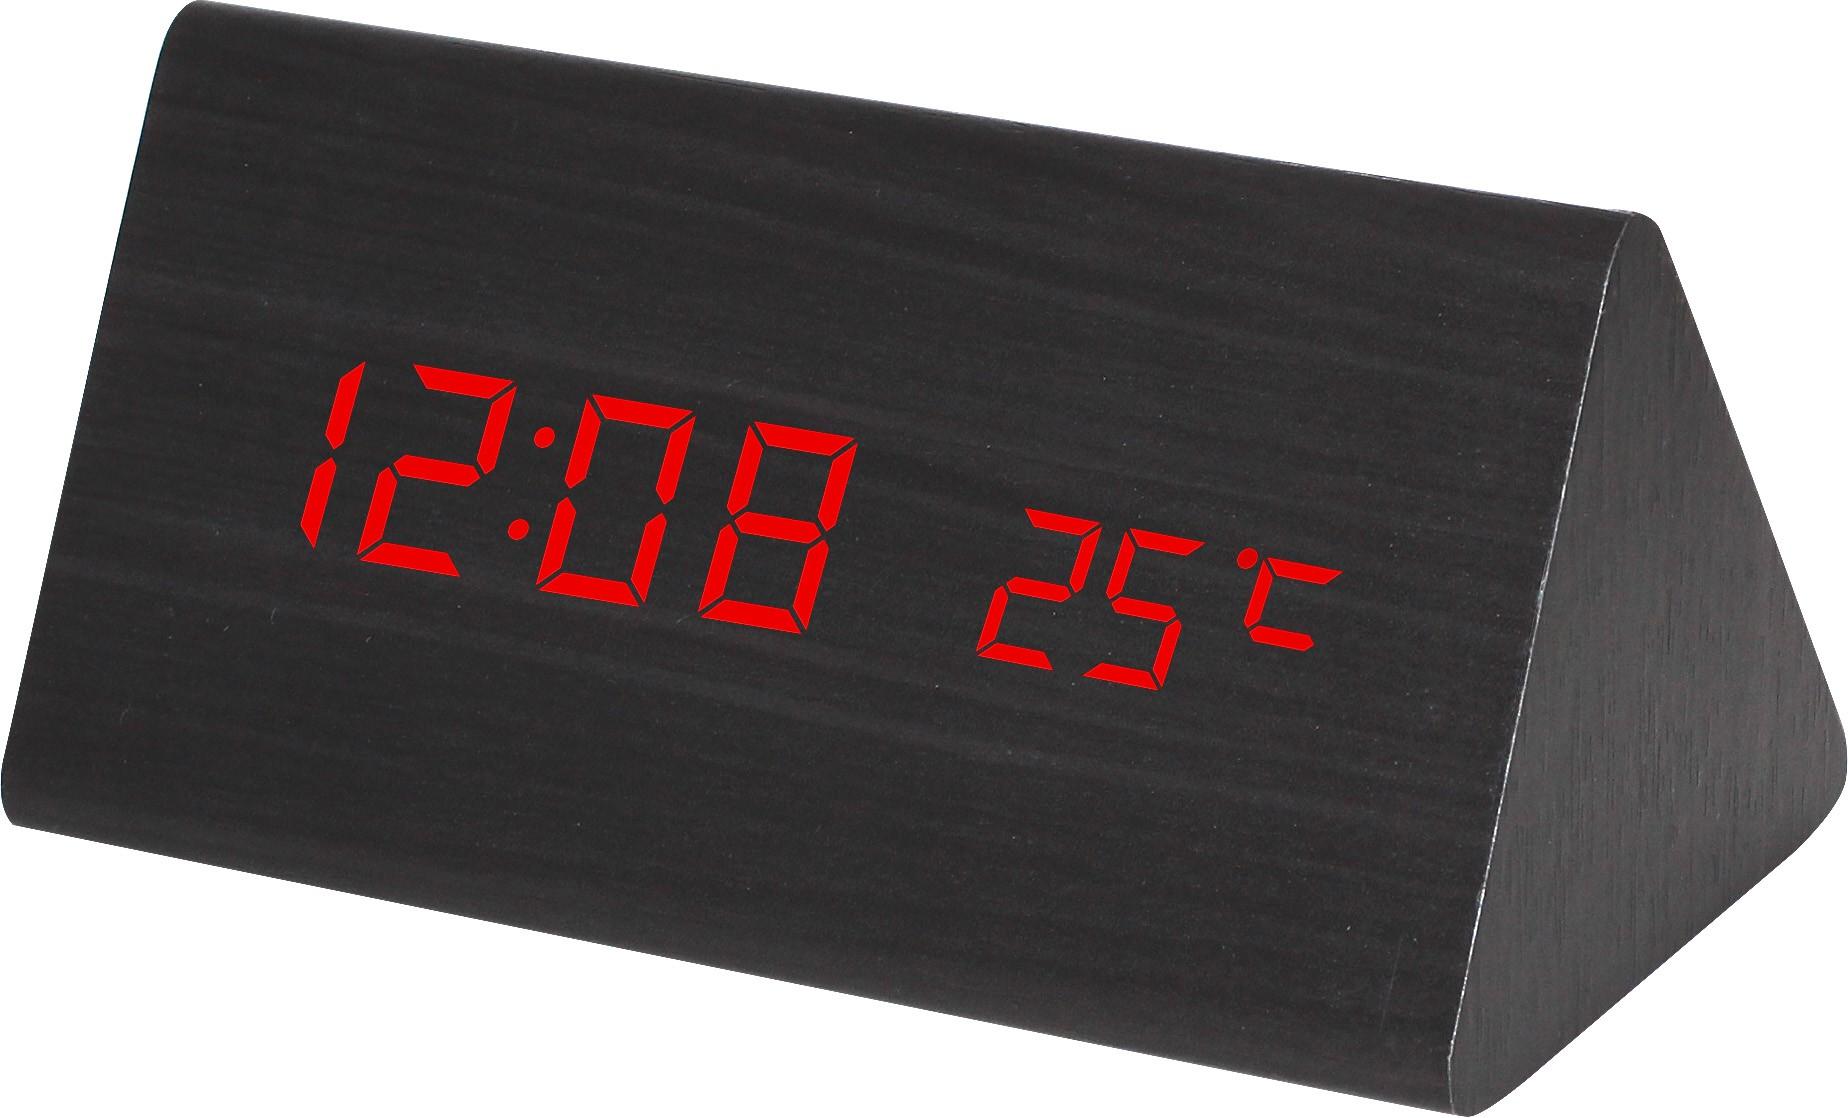 MPM Digitální budík s červenými LED diodami v dřevěném vzhledu MPMC02.3570 RED LED